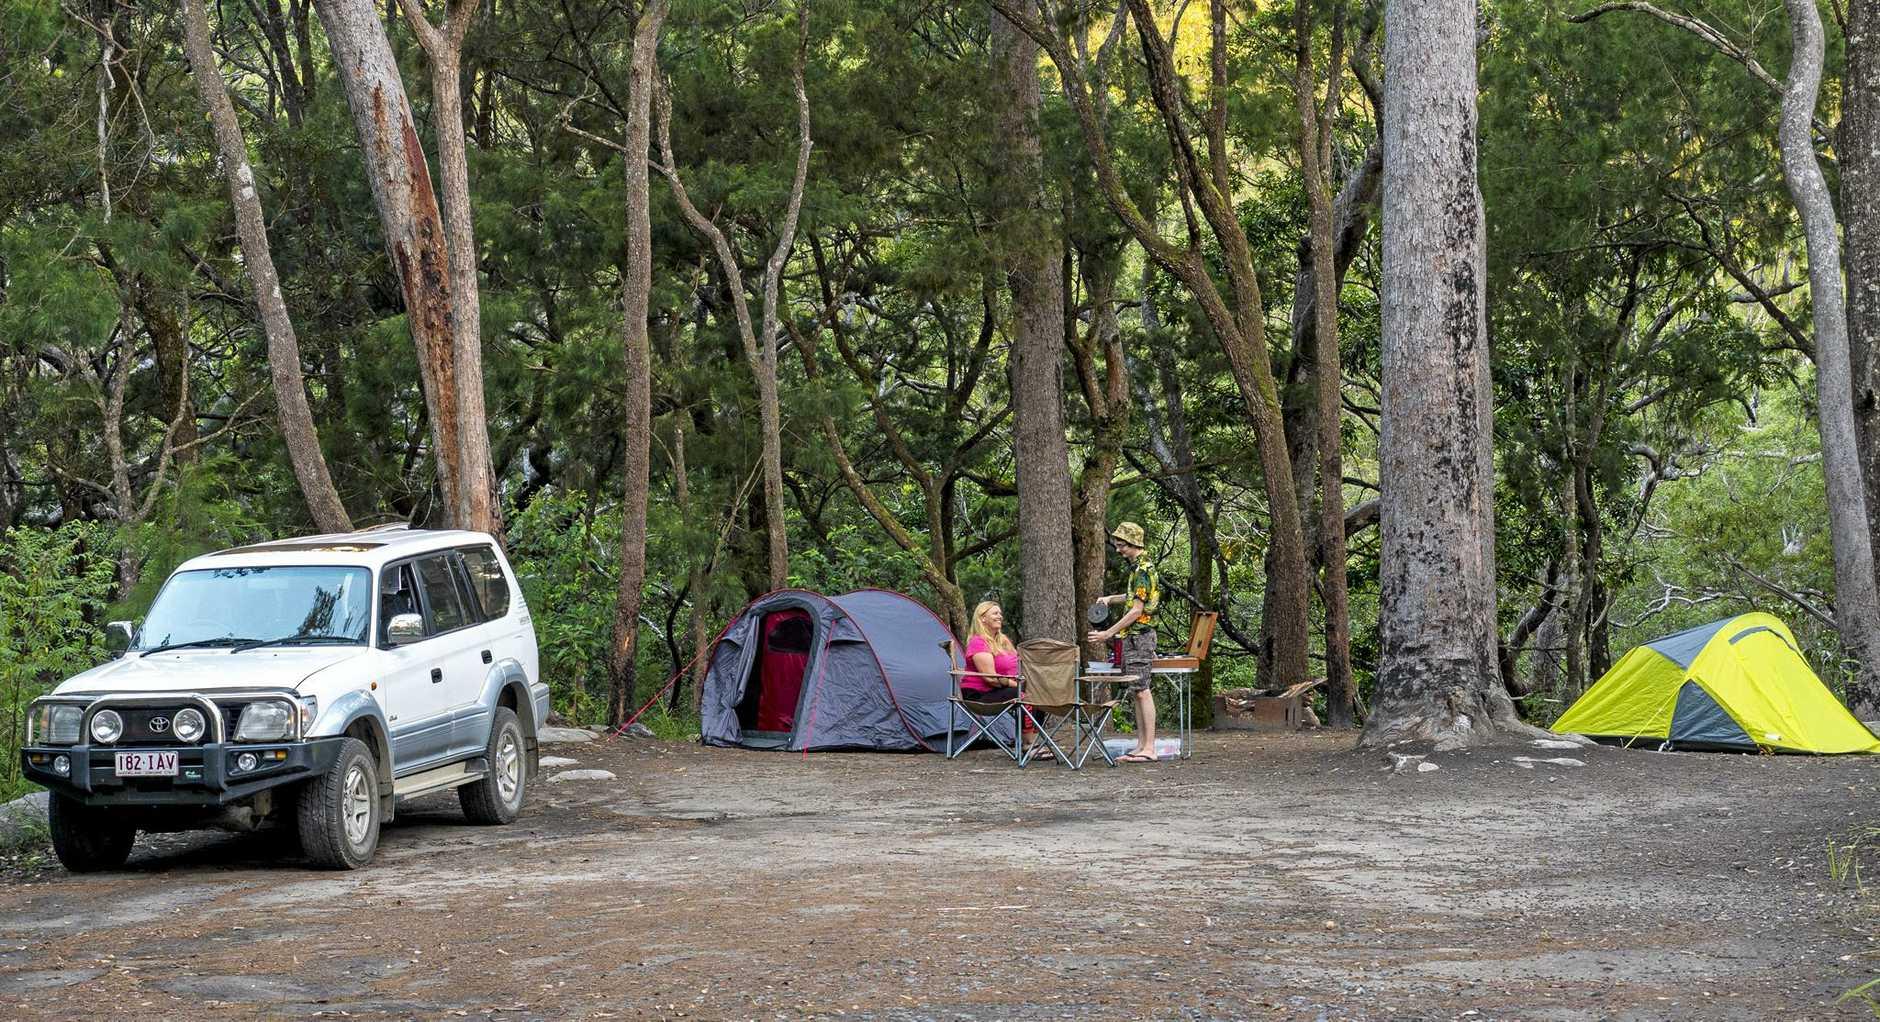 Upper Davies Creek camping area at Dinden National Park.